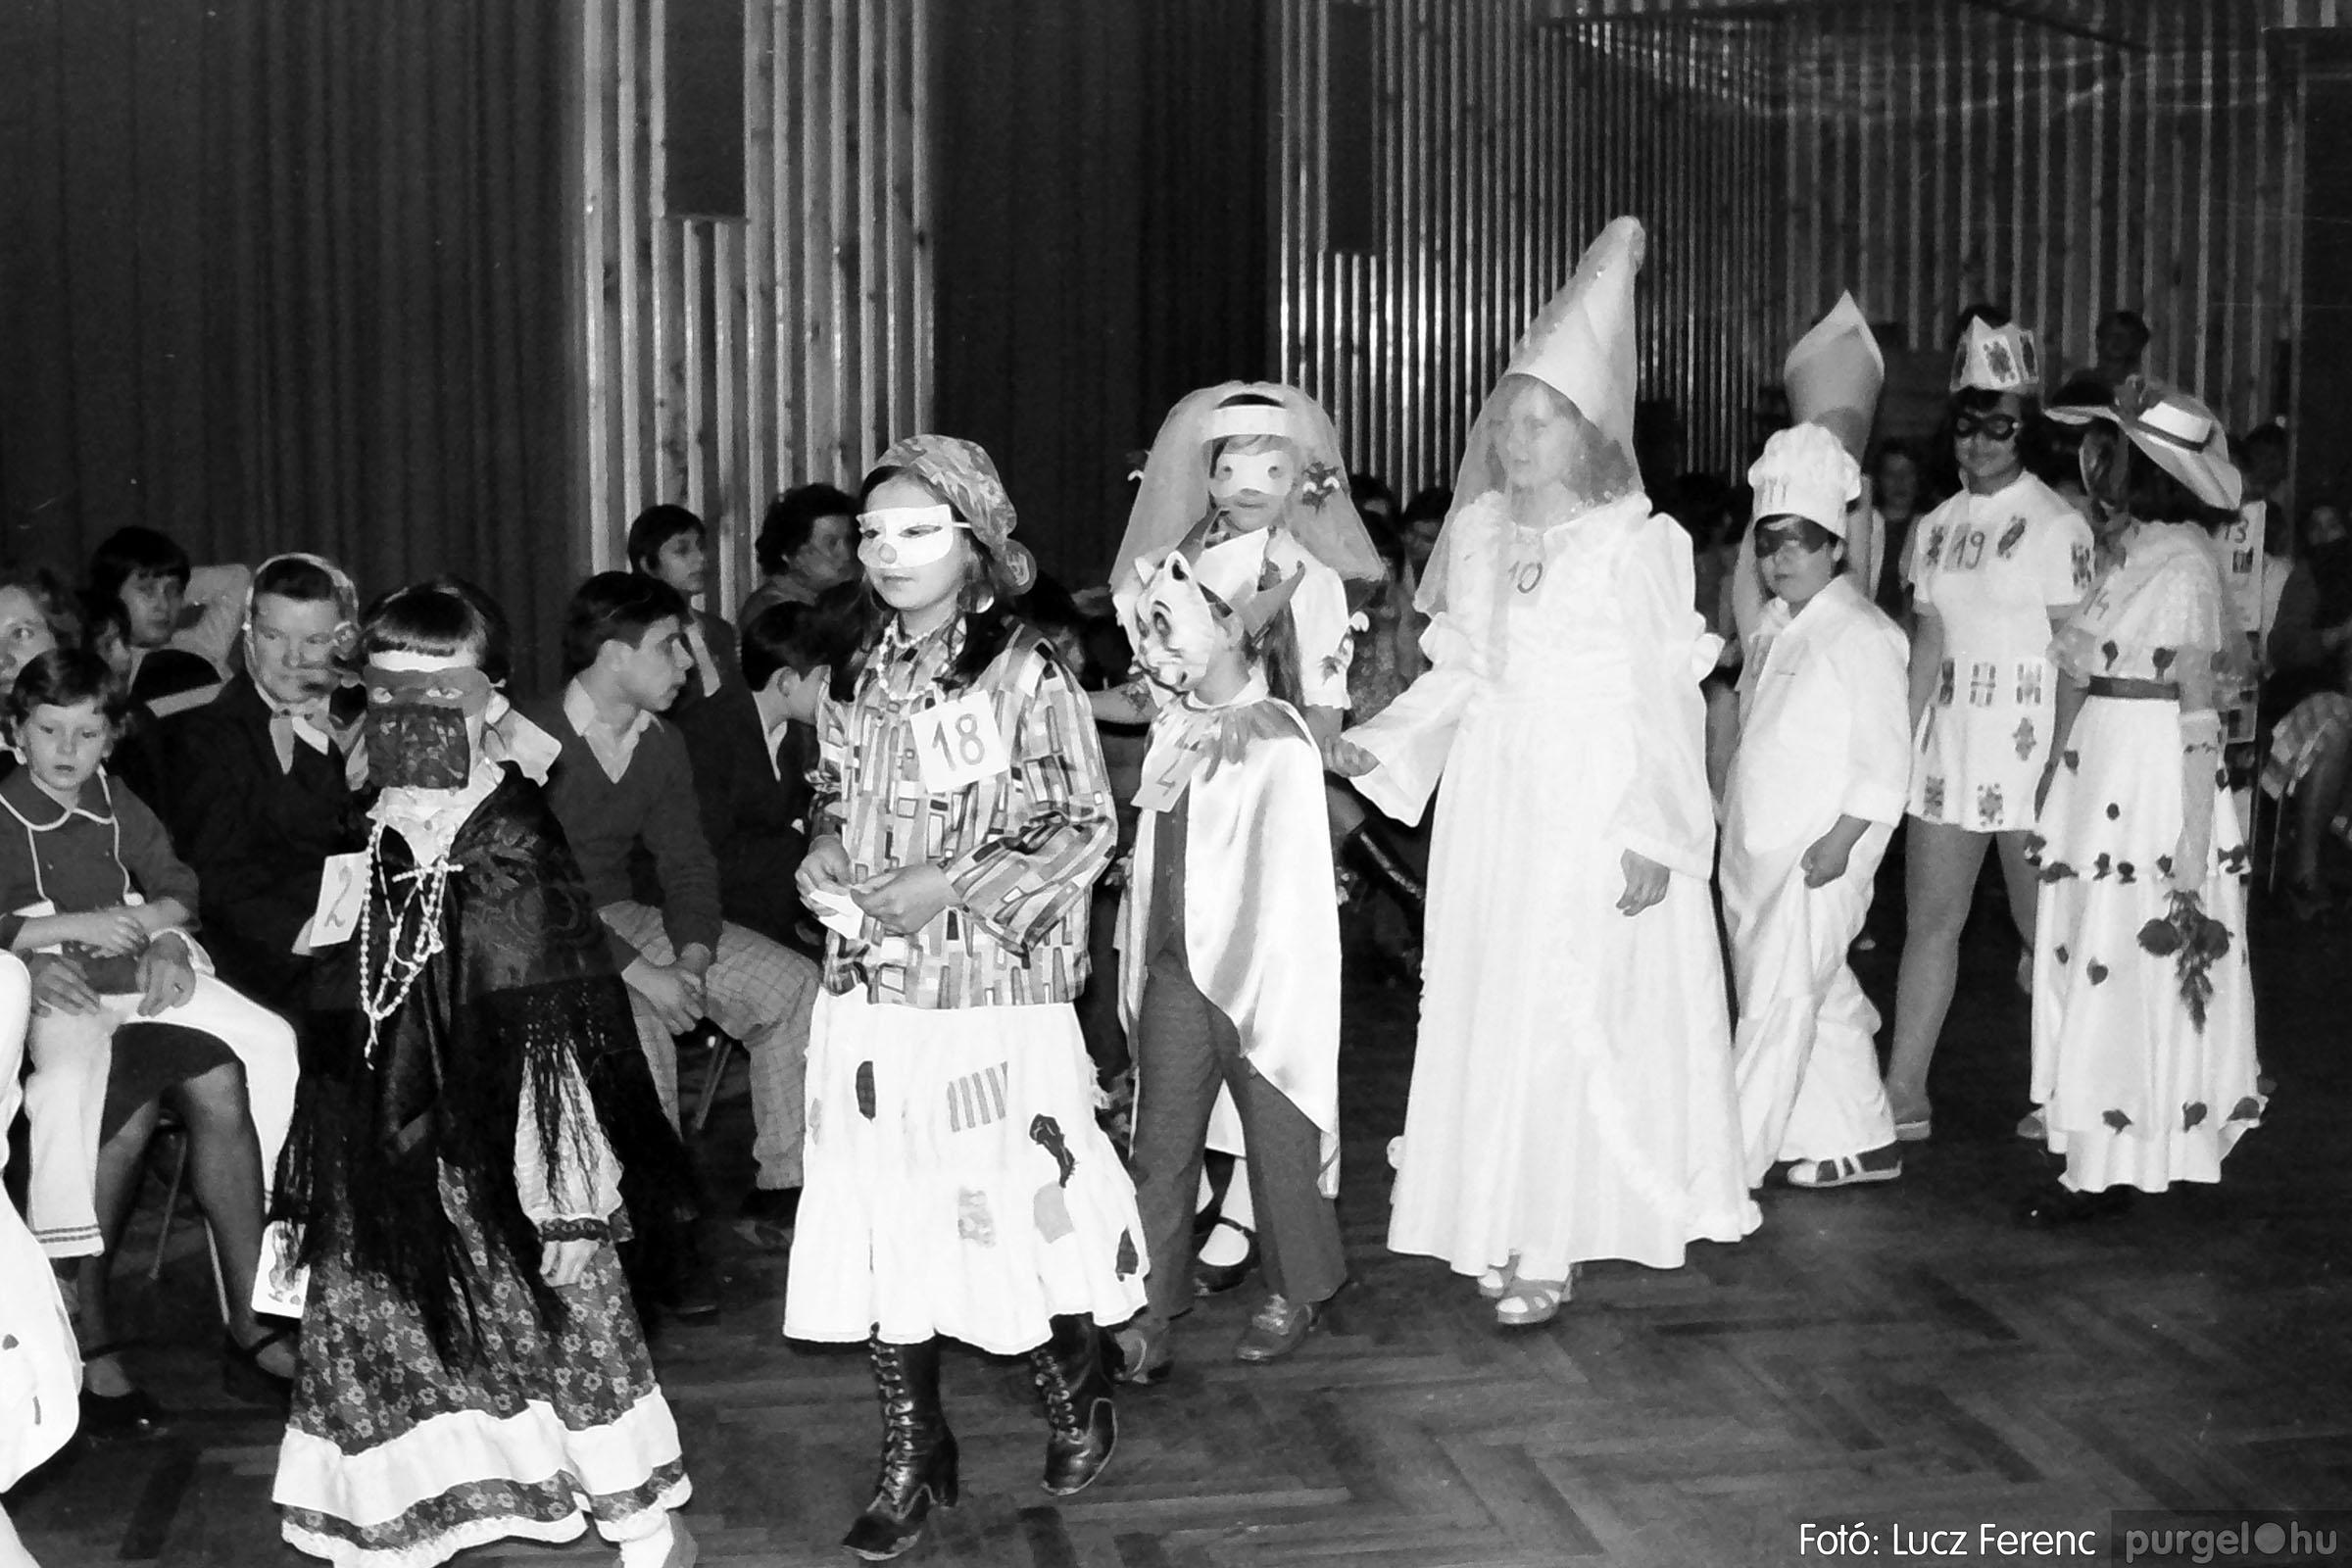 035. 1976. Iskolai farsang a kultúrházban 004 - Fotó: Lucz Ferenc.jpg